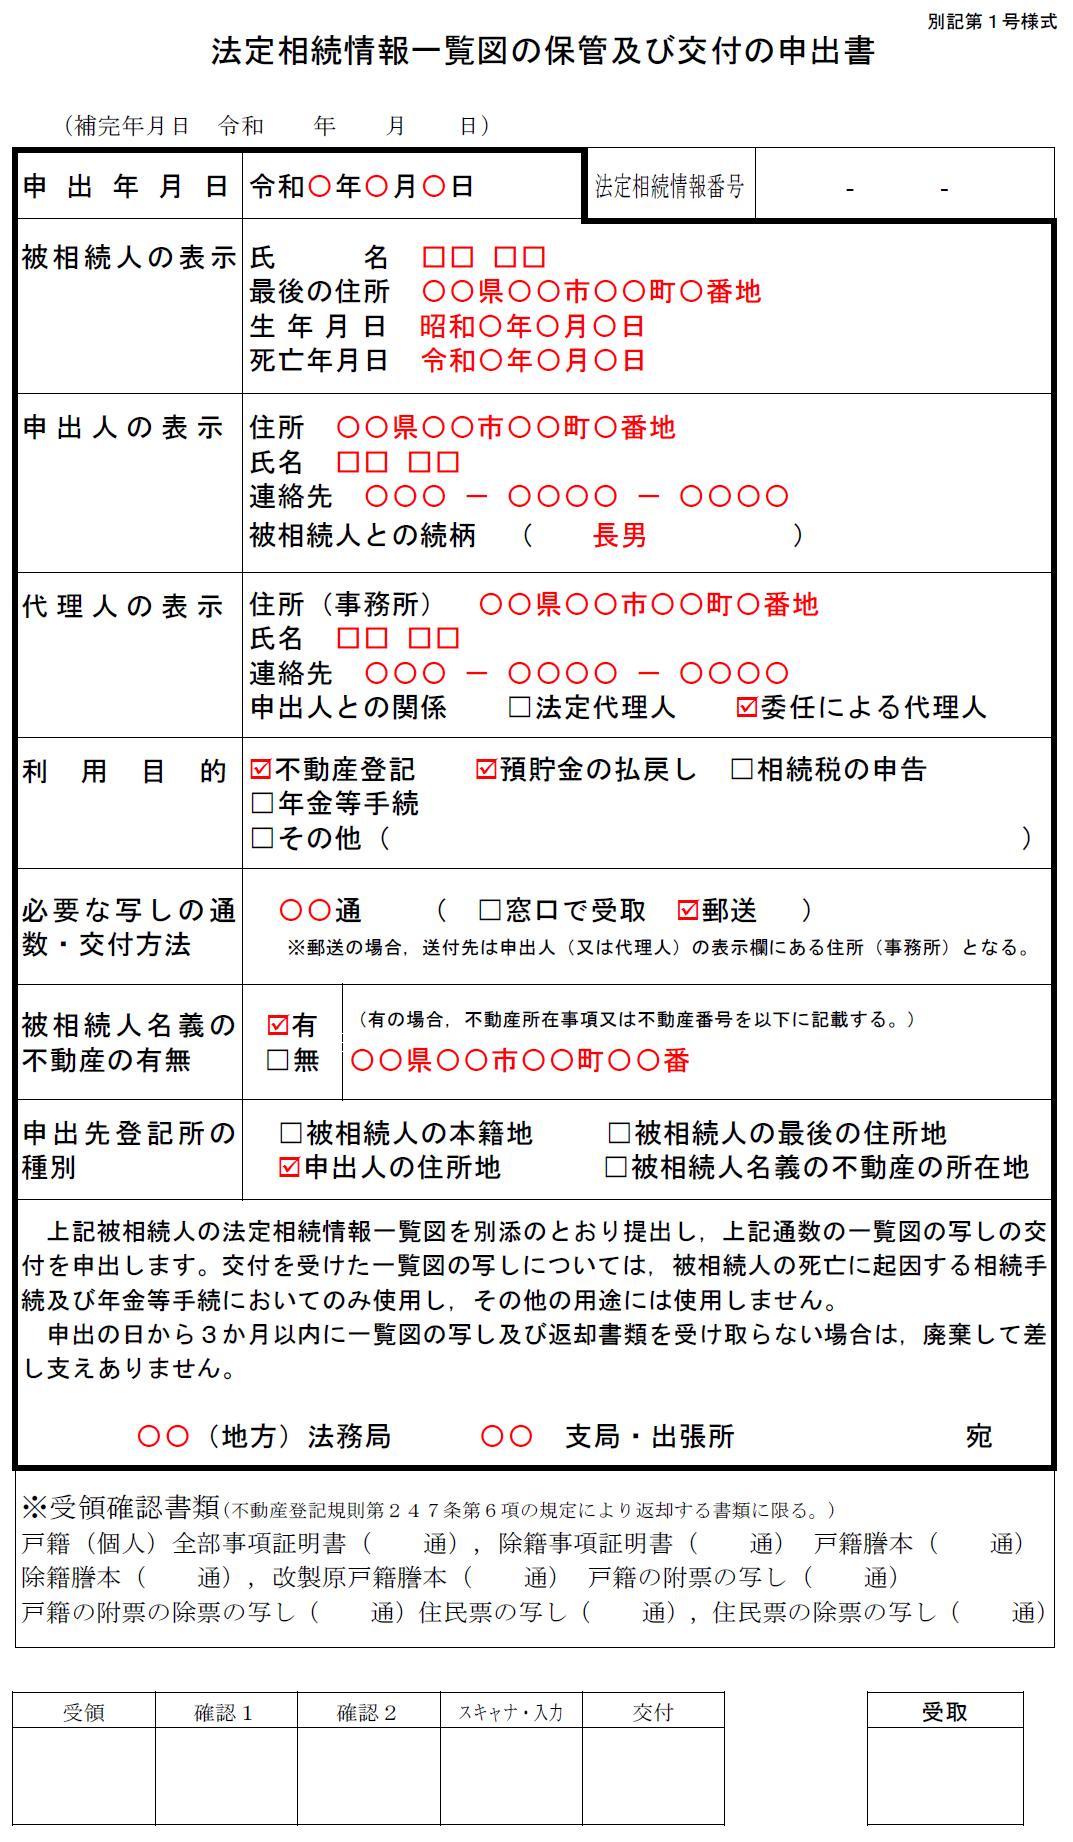 代理人が手続きを行う場合の申出書の記載例